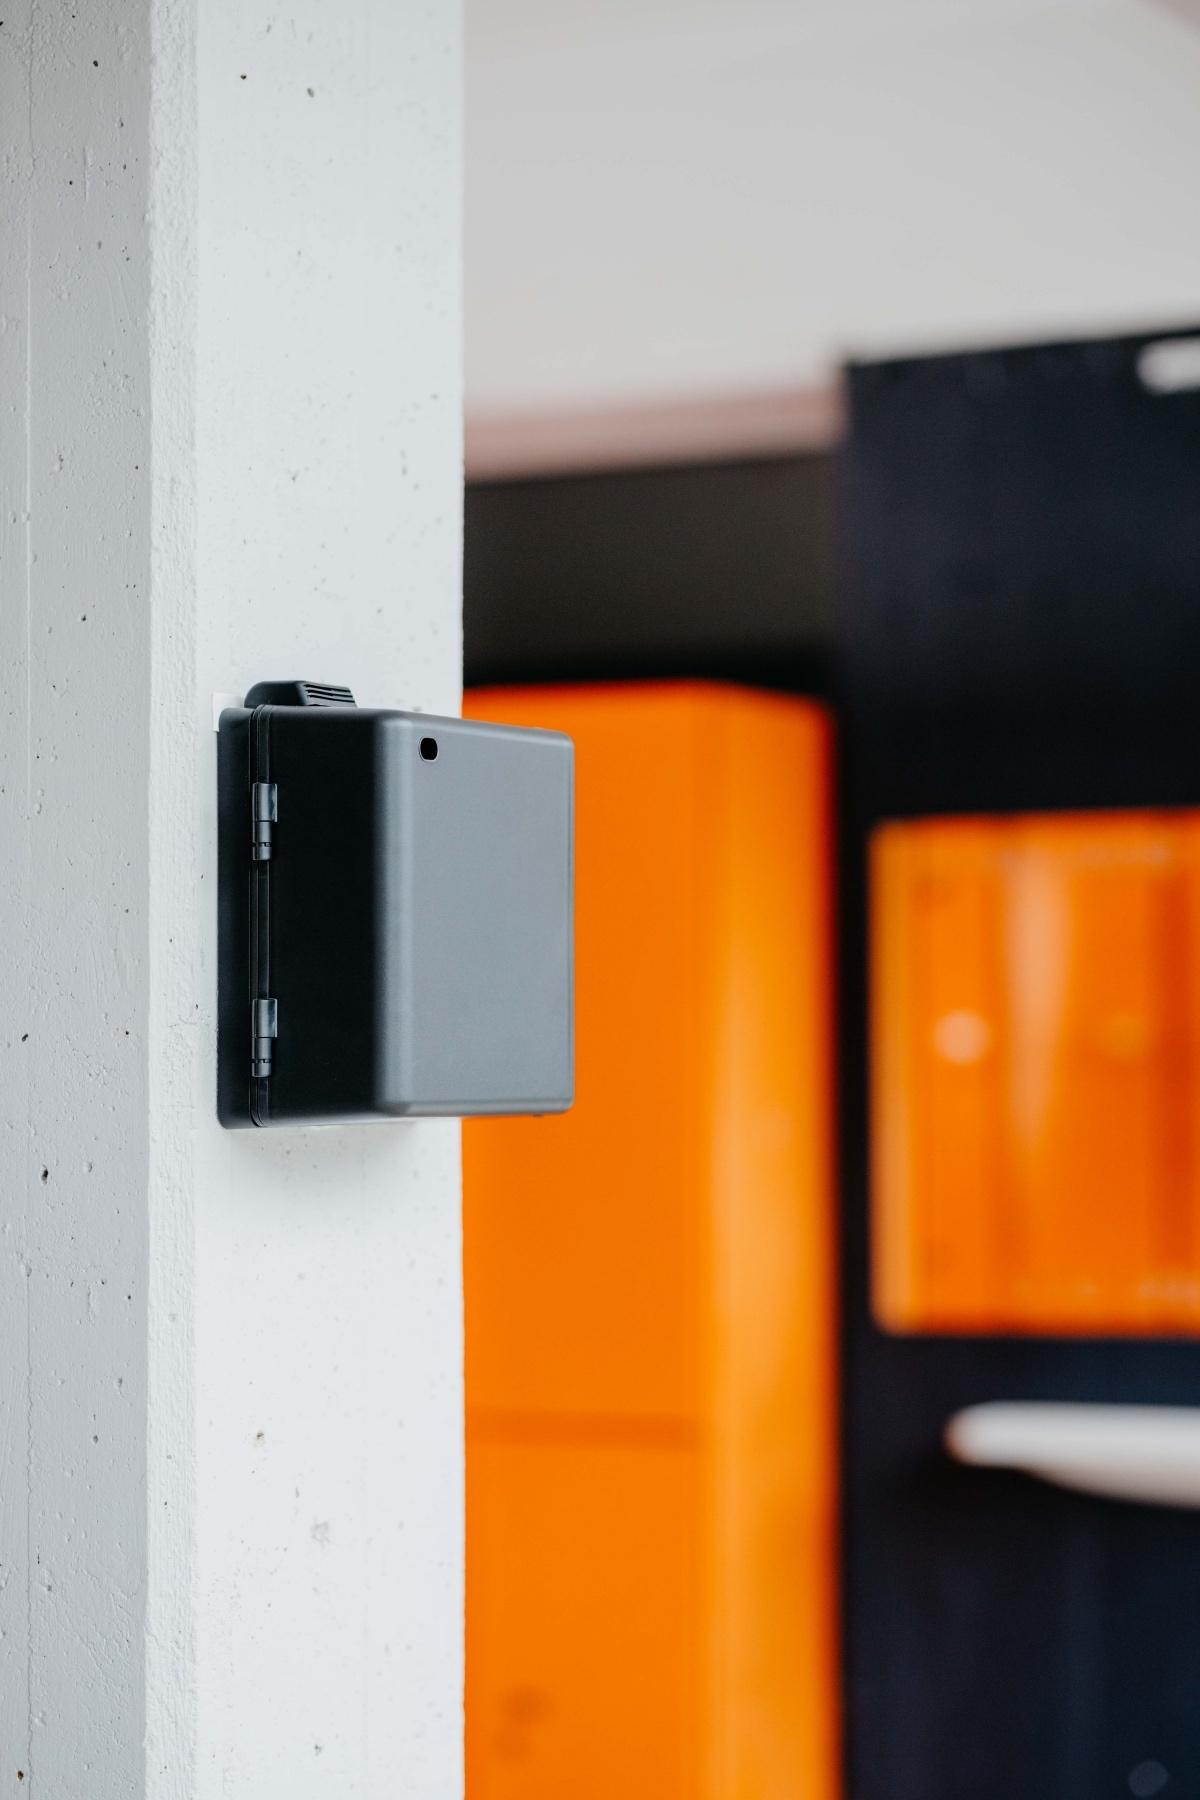 Aromea Nano Pro 5 an wand mit orangem hintergrund